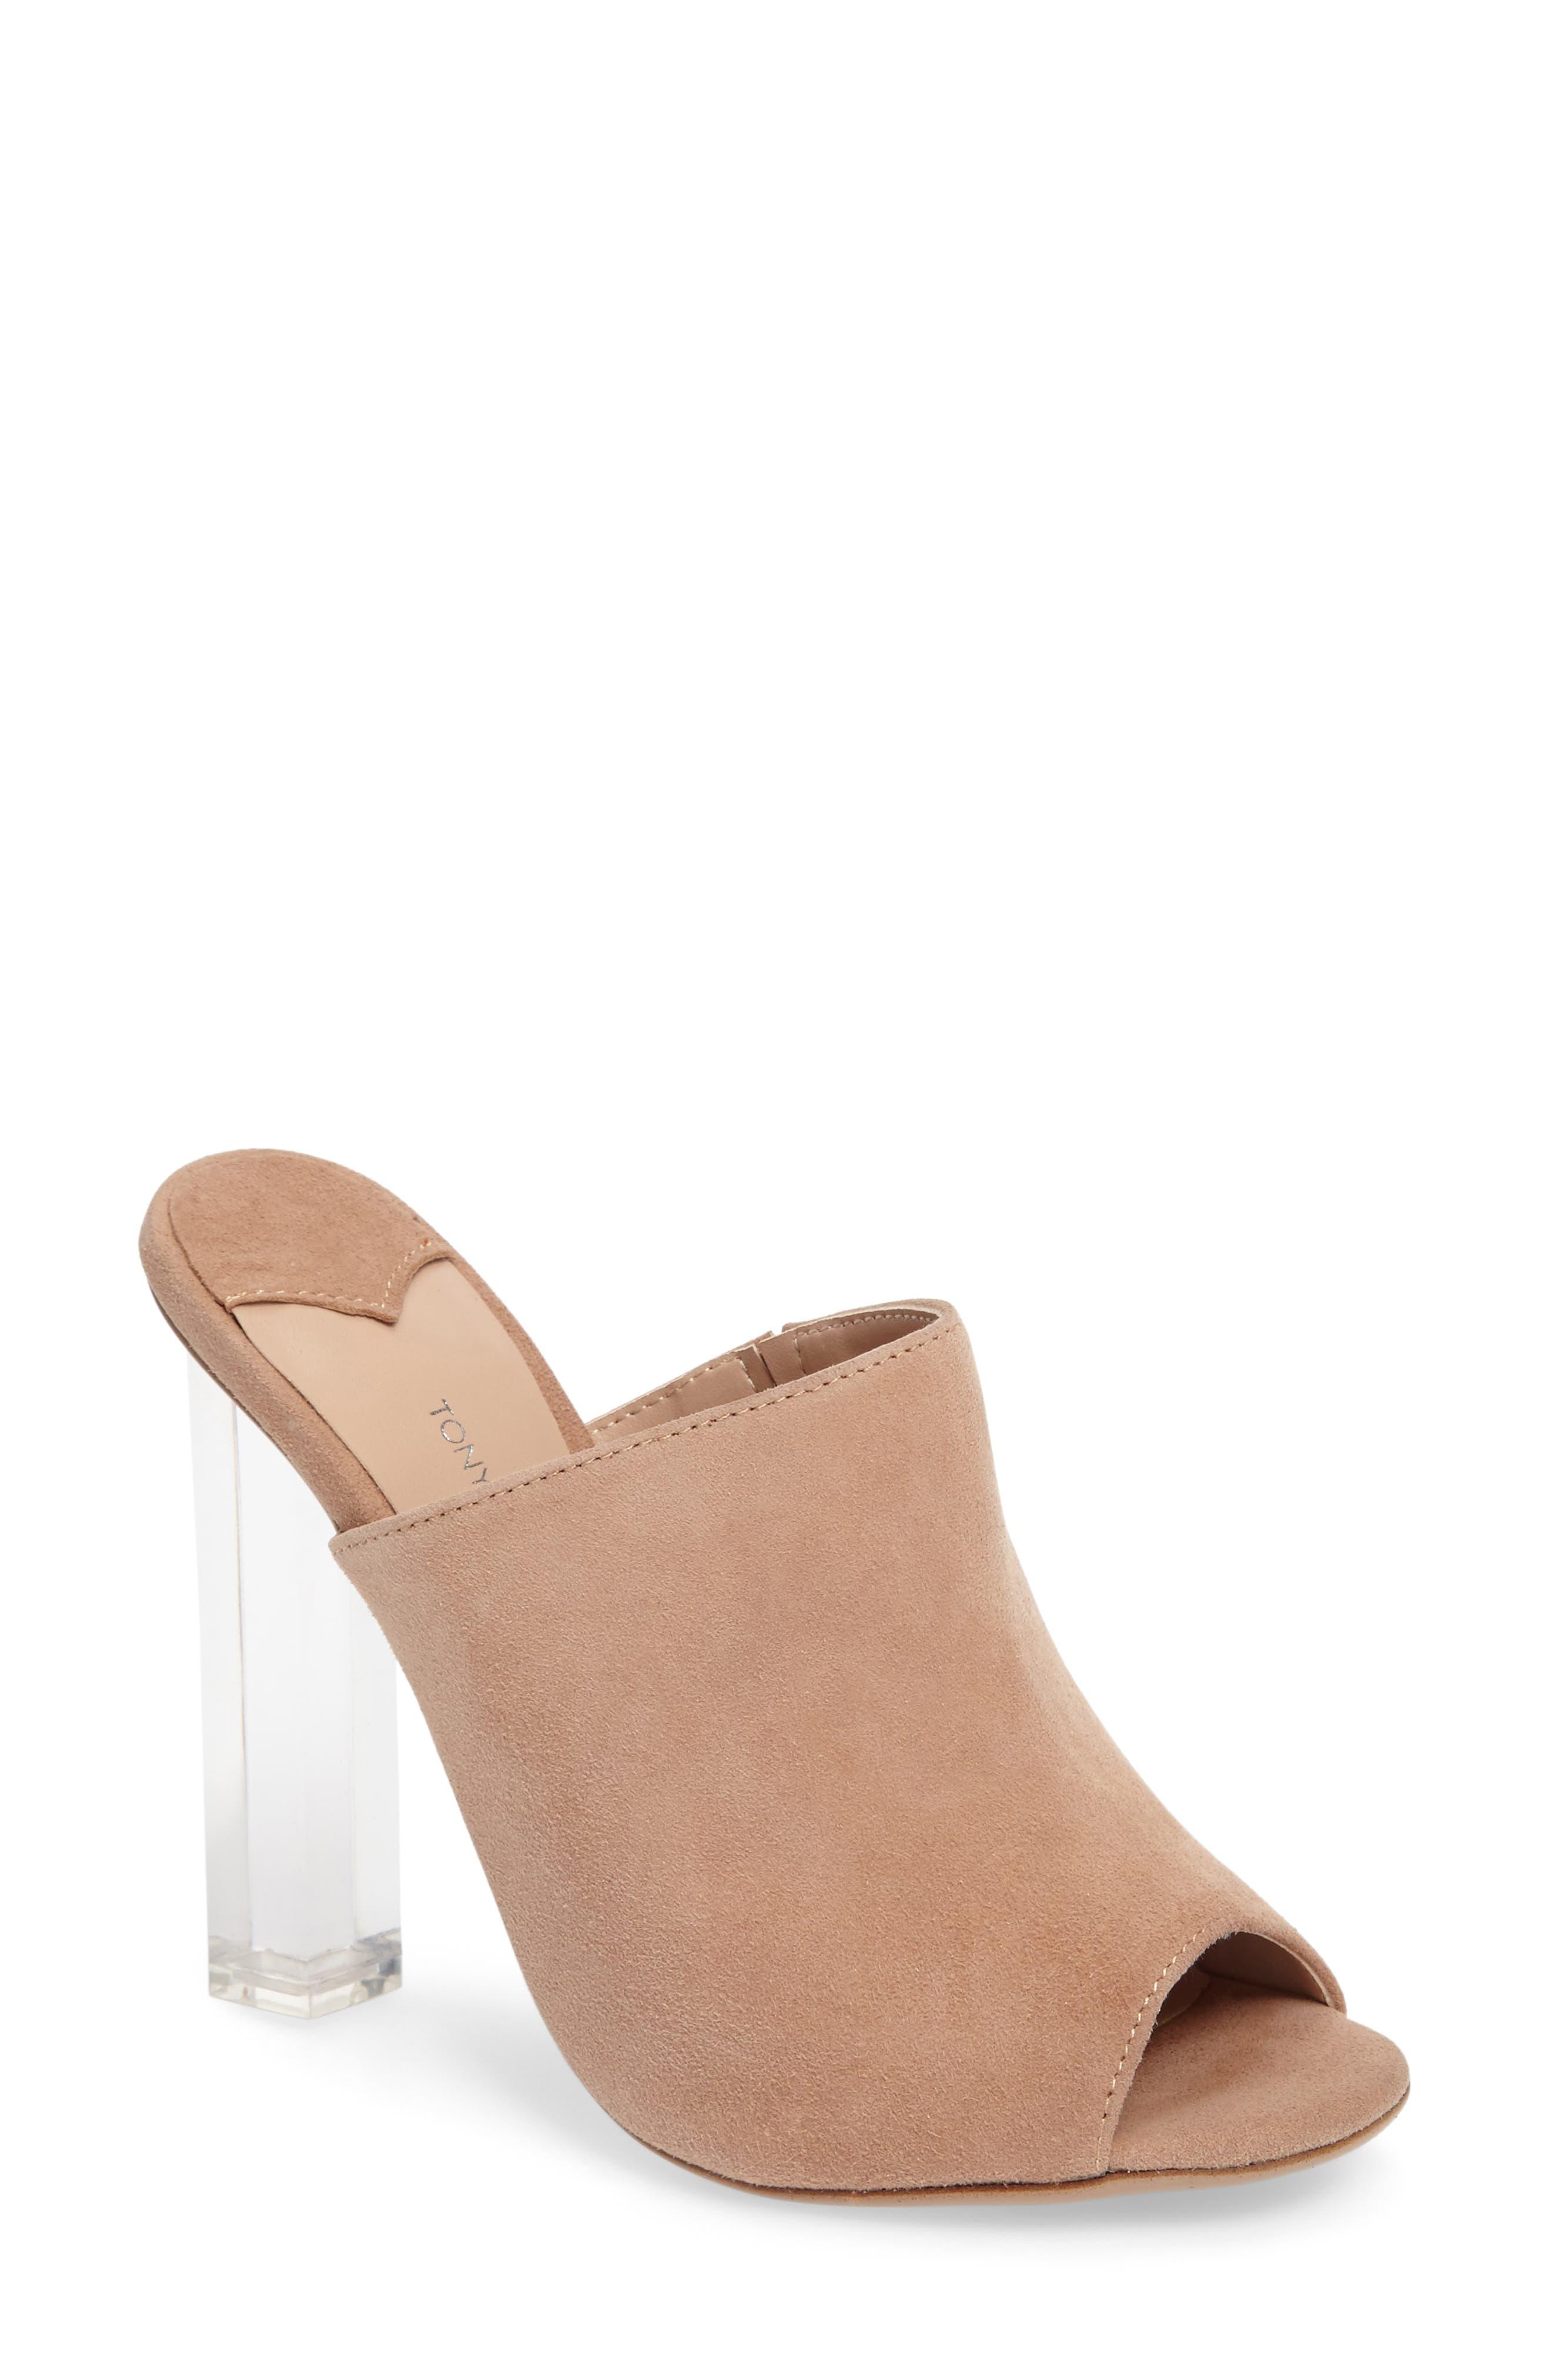 Main Image - Tony Bianco Kitzy Clear Heel Mule (Women)